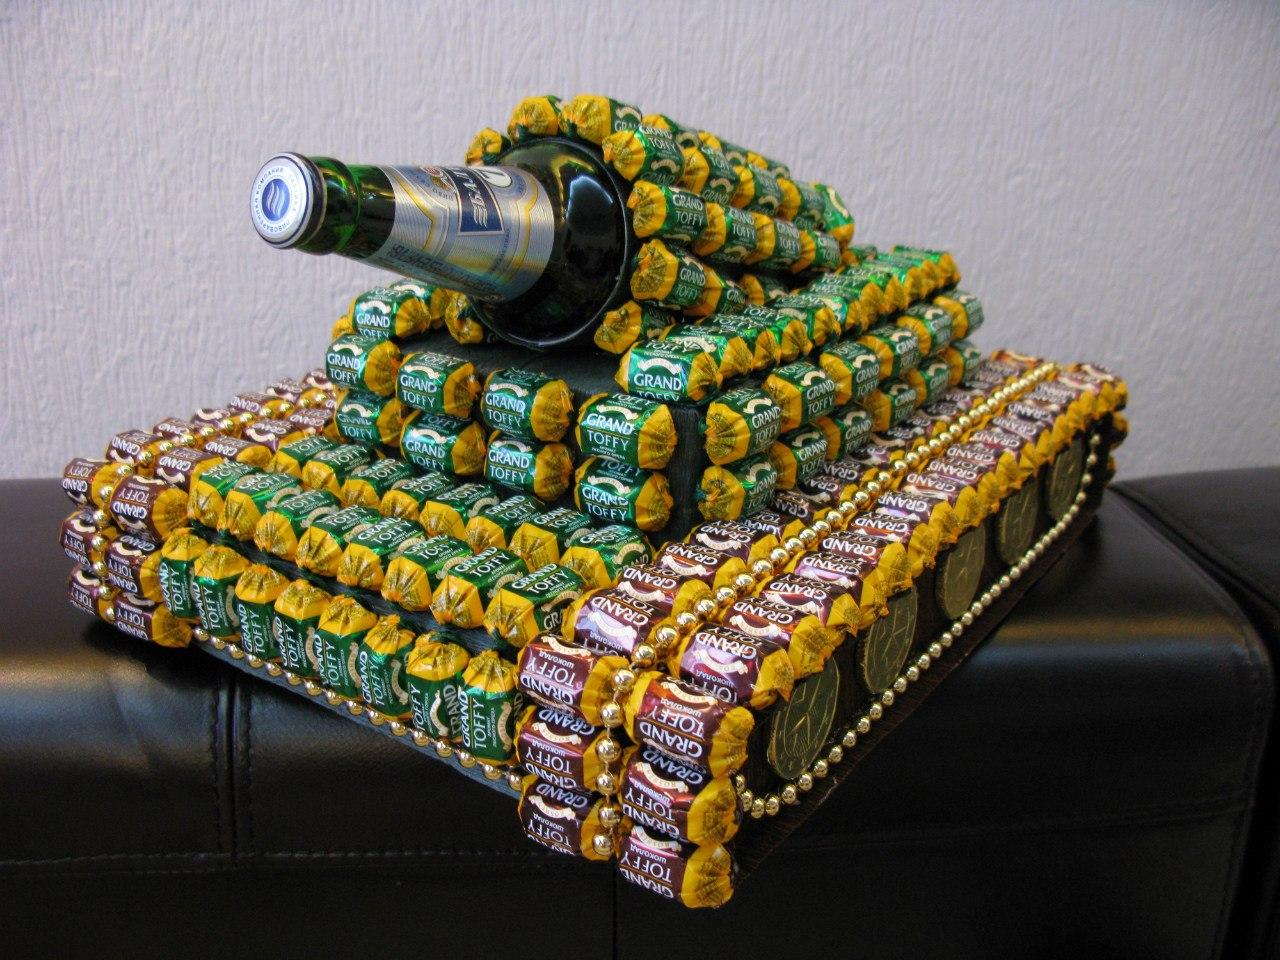 Видео: танк везет на стволе кружку пива, не проливая ни